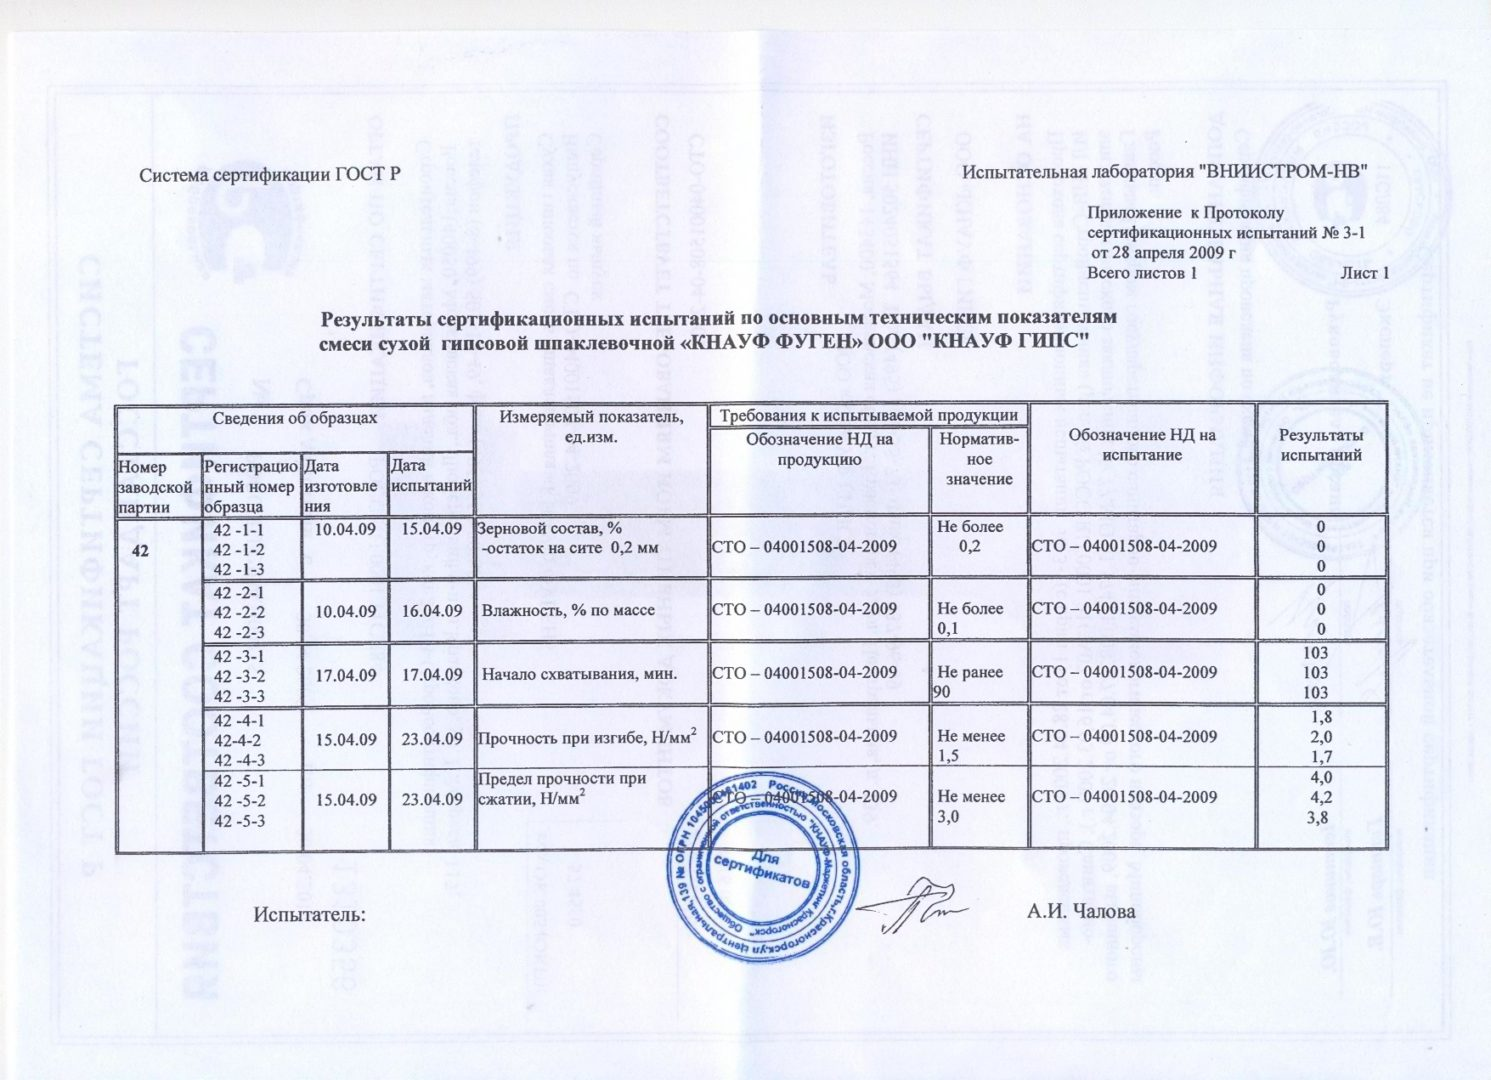 Результаты сертификационных испытаний